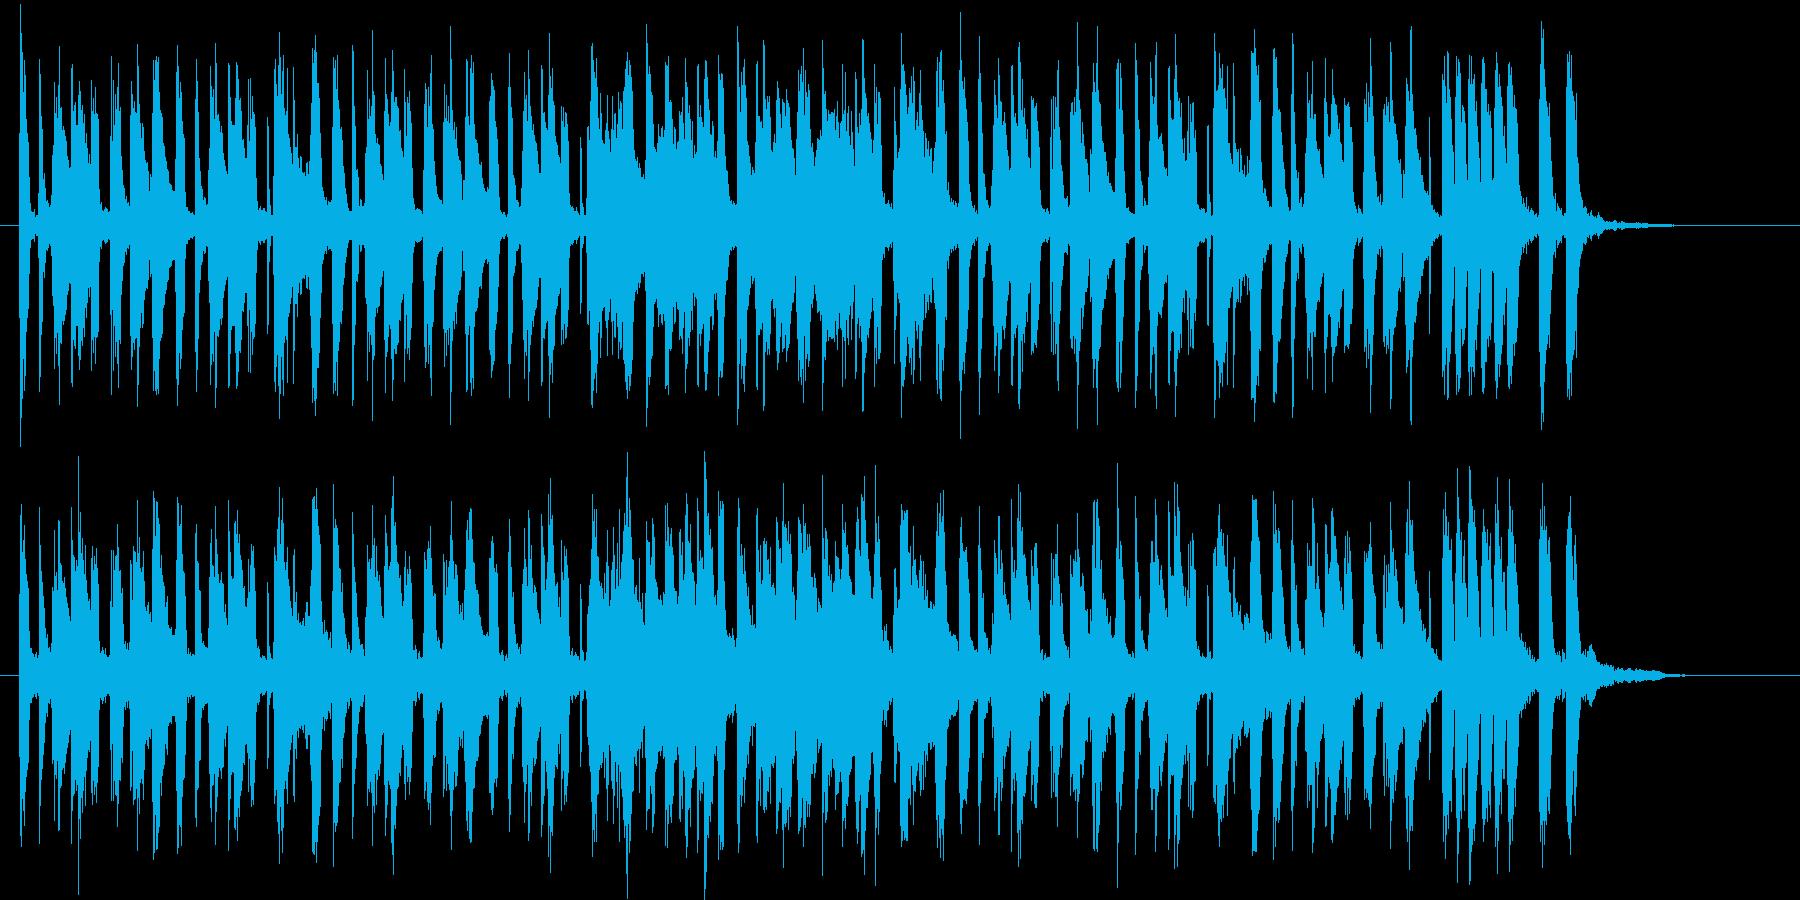 キャッチーで軽快なトランペットジングルの再生済みの波形